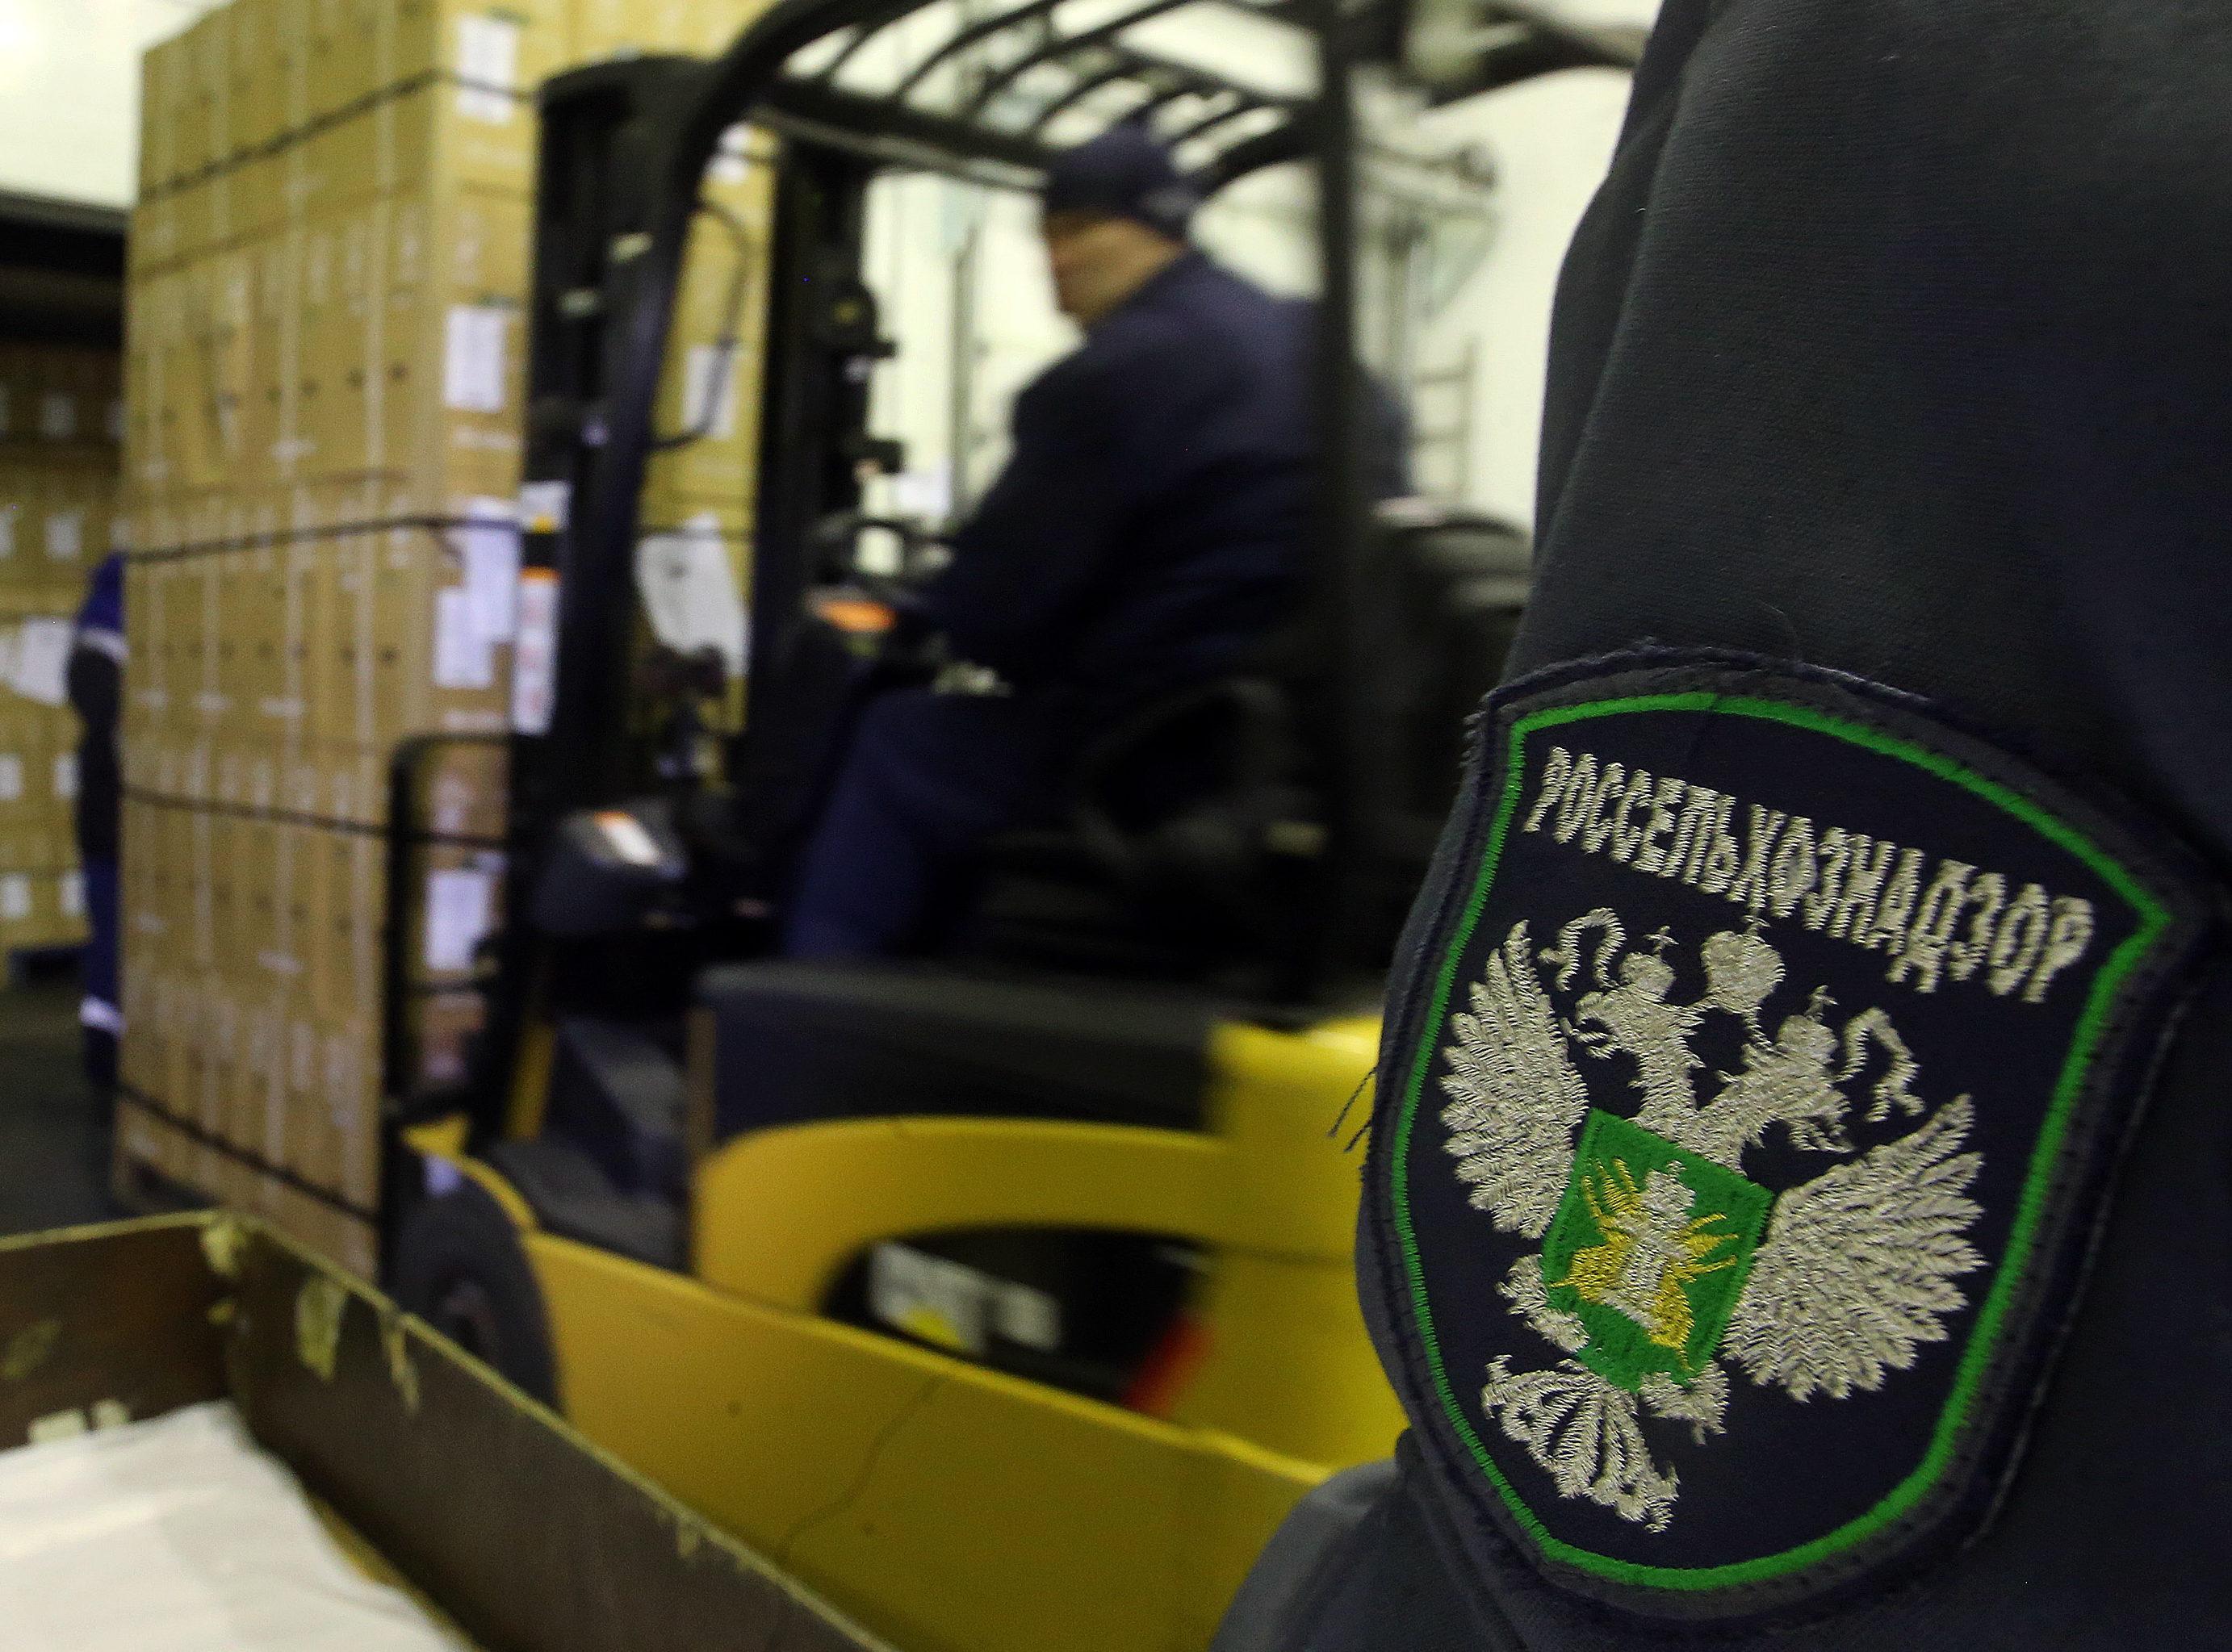 Оформление 40 тонн лекарств из Китая приостановил Россельхознадзор в Подмосковье